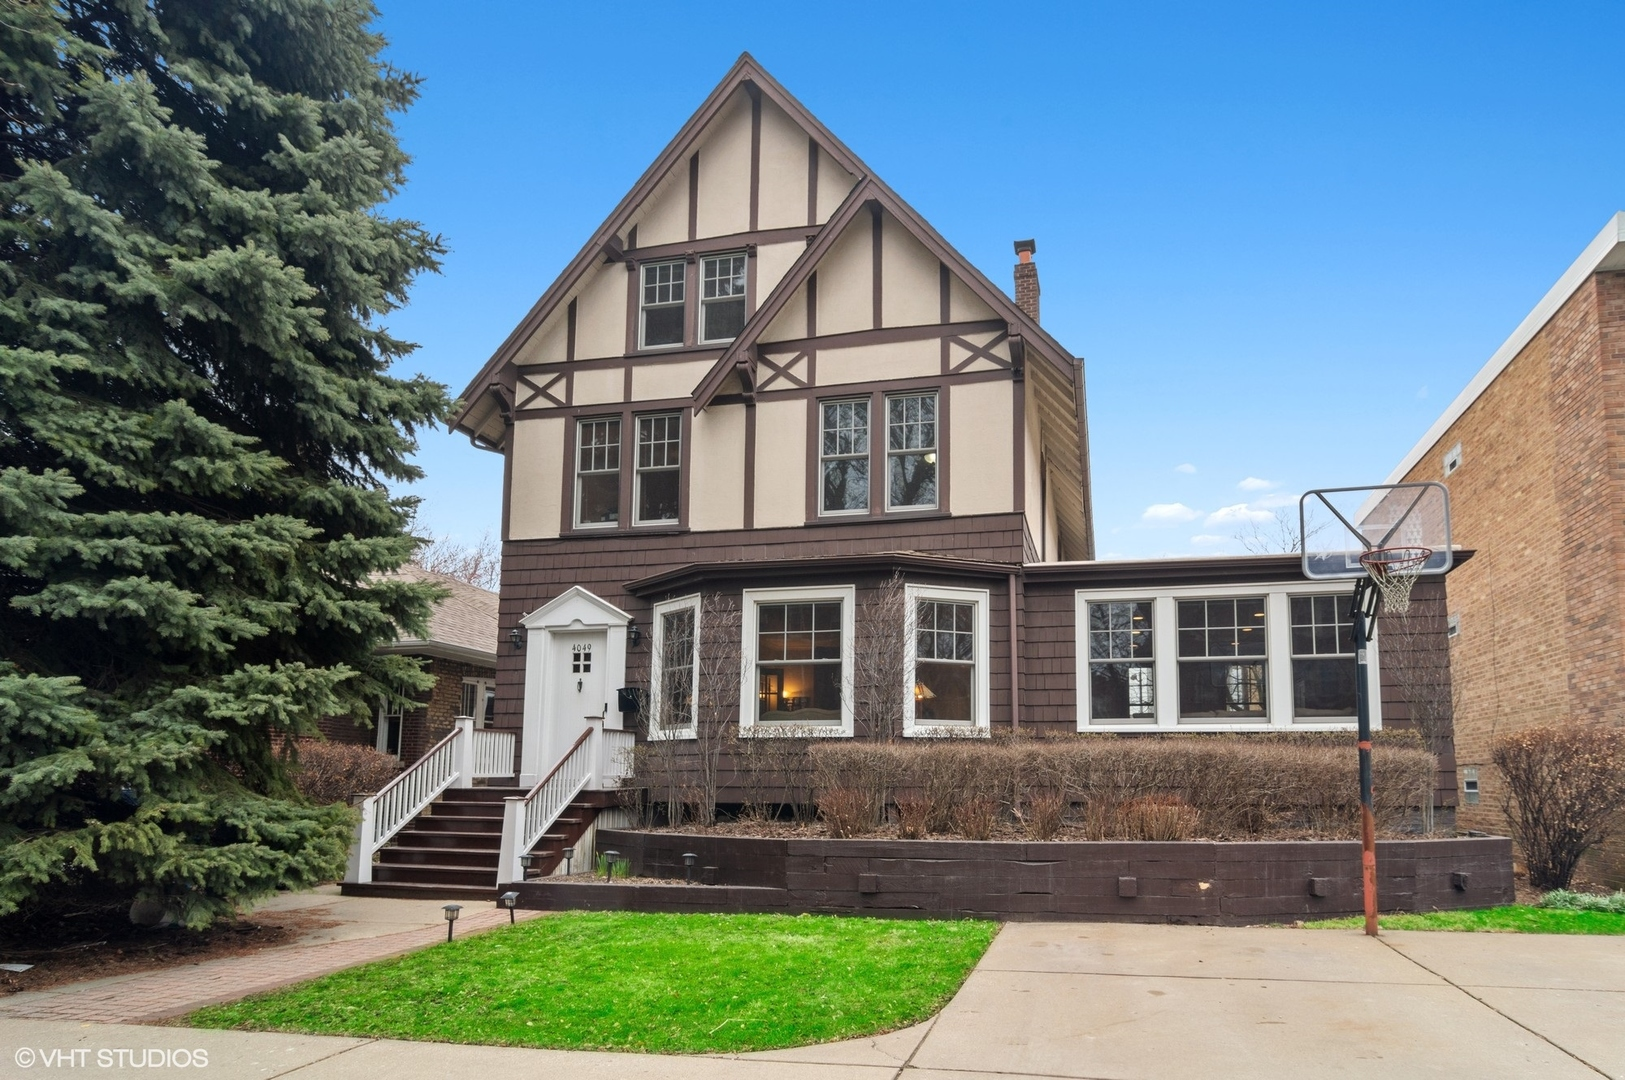 4049 N Keystone Avenue, Chicago IL 60641